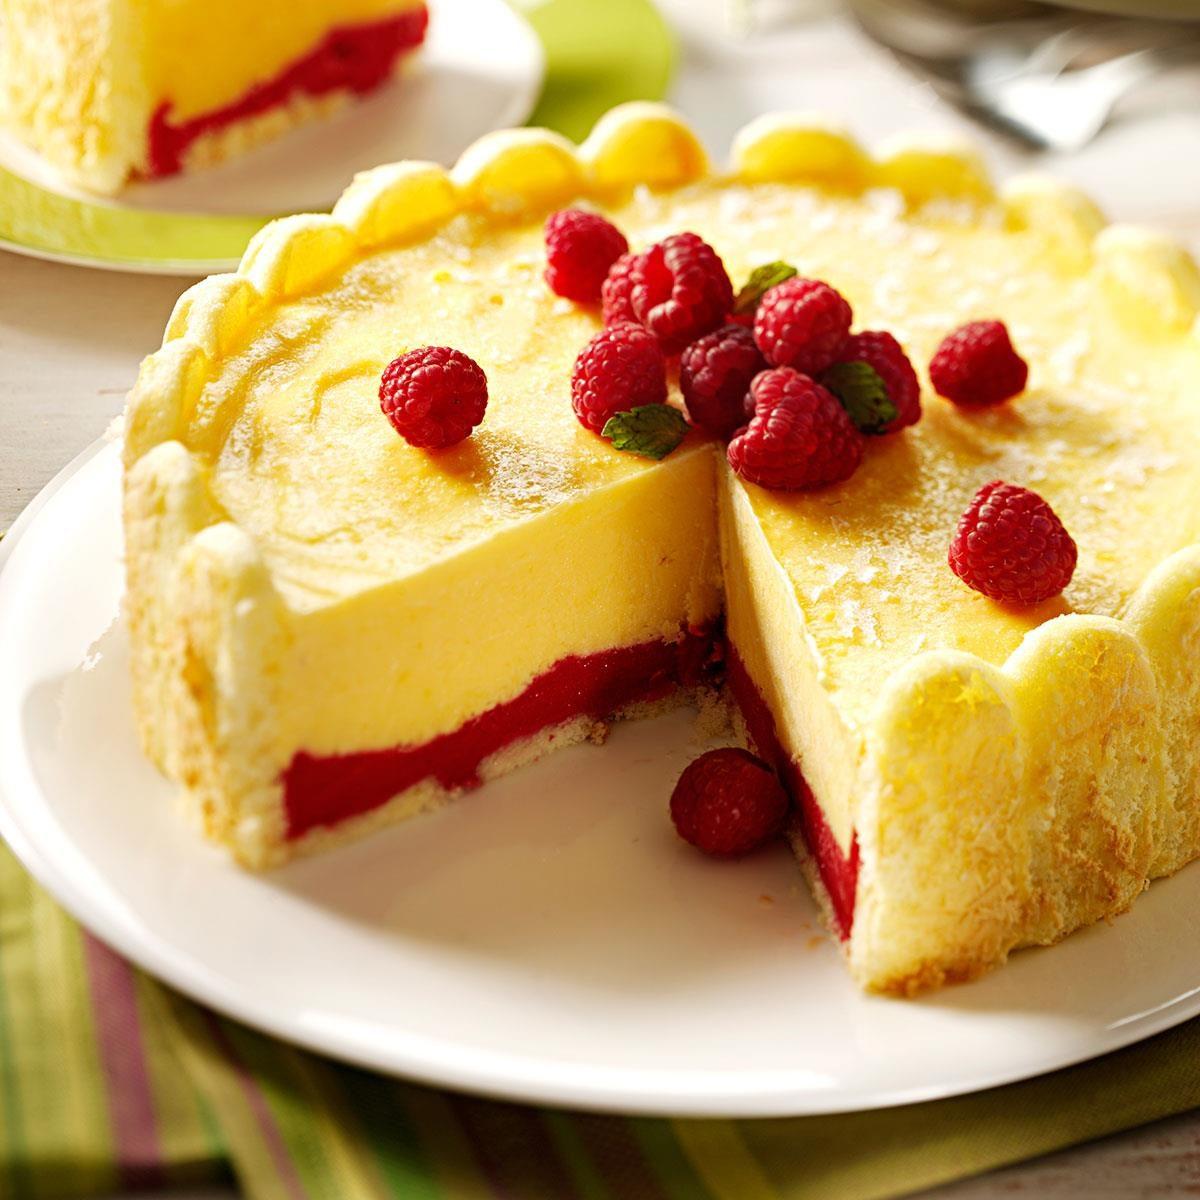 Eggnog Ladyfinger Dessert Recipe